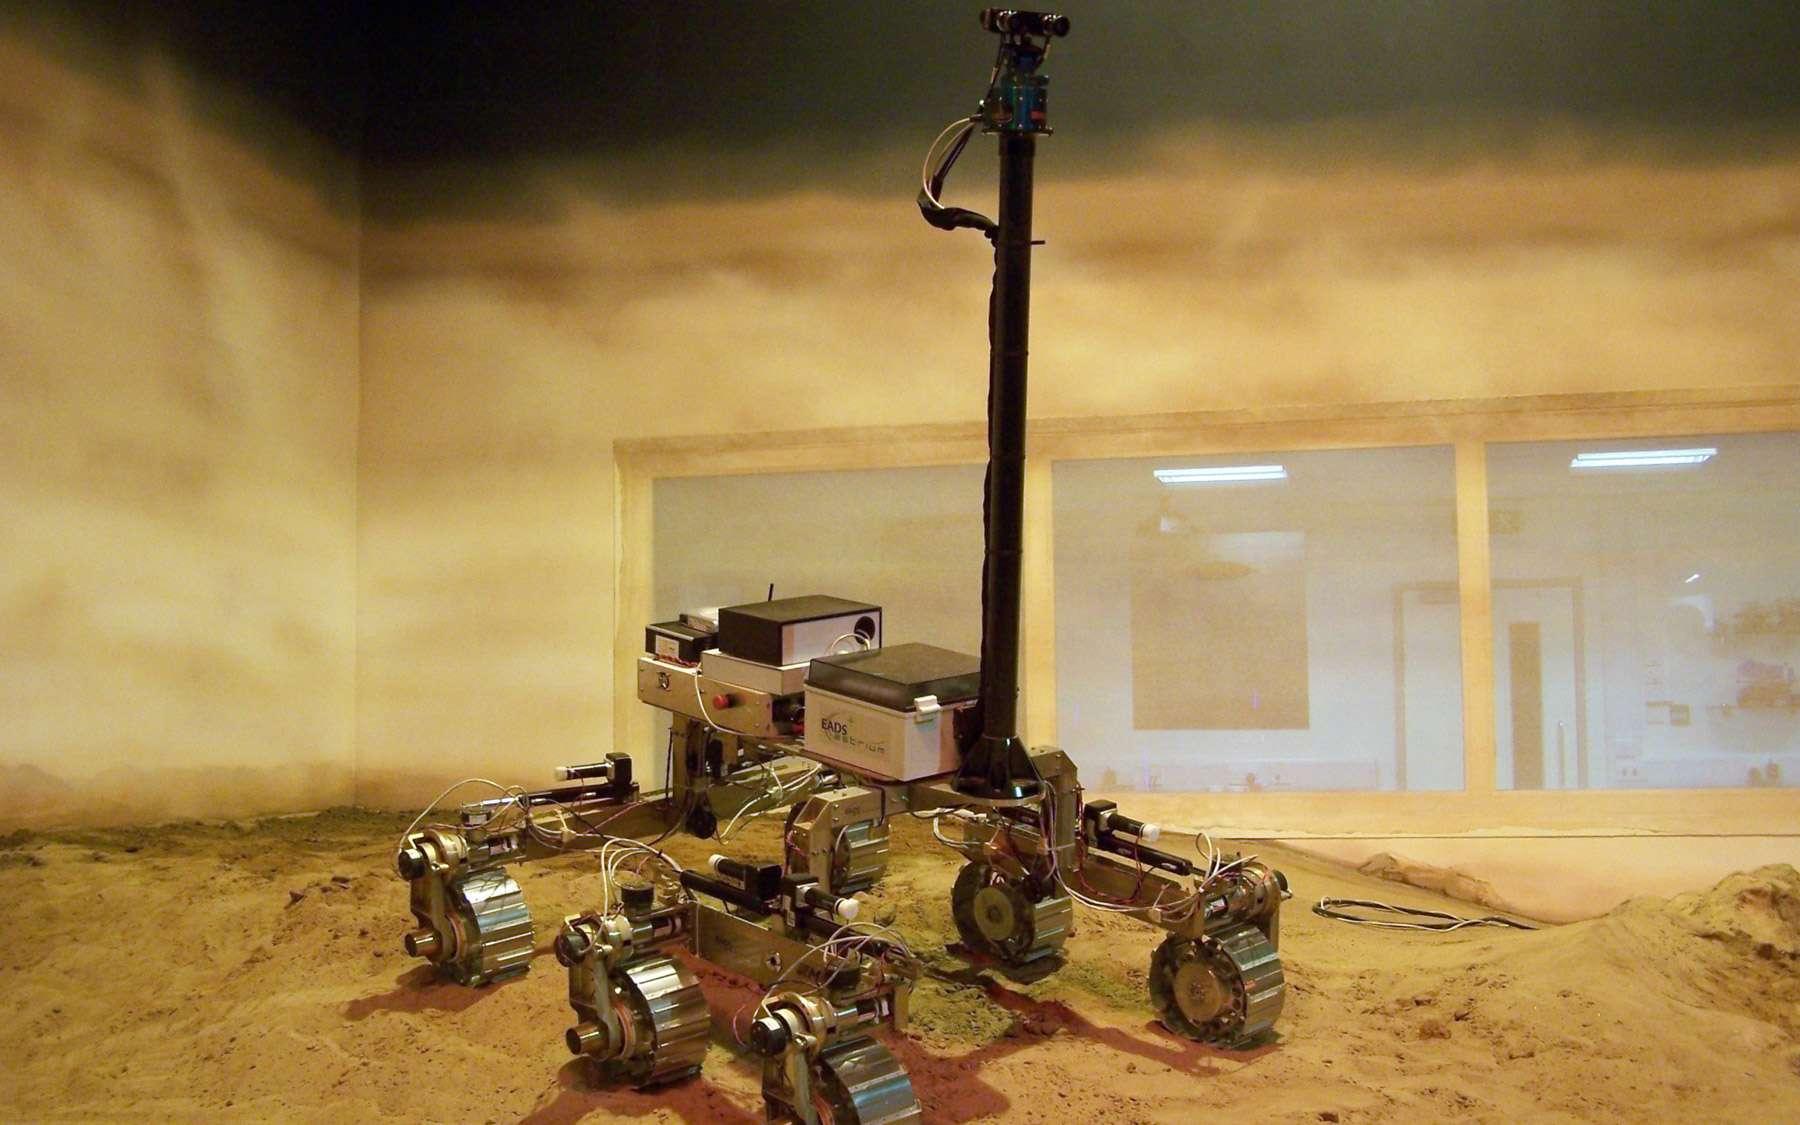 Russes et Européens sont parvenus à un accord pour sauver le programme ExoMars après le retrait de la Nasa. Les deux missions qu'il compose (2016 et 2018) ont pour fil conducteur la recherche de la vie. © Astrium